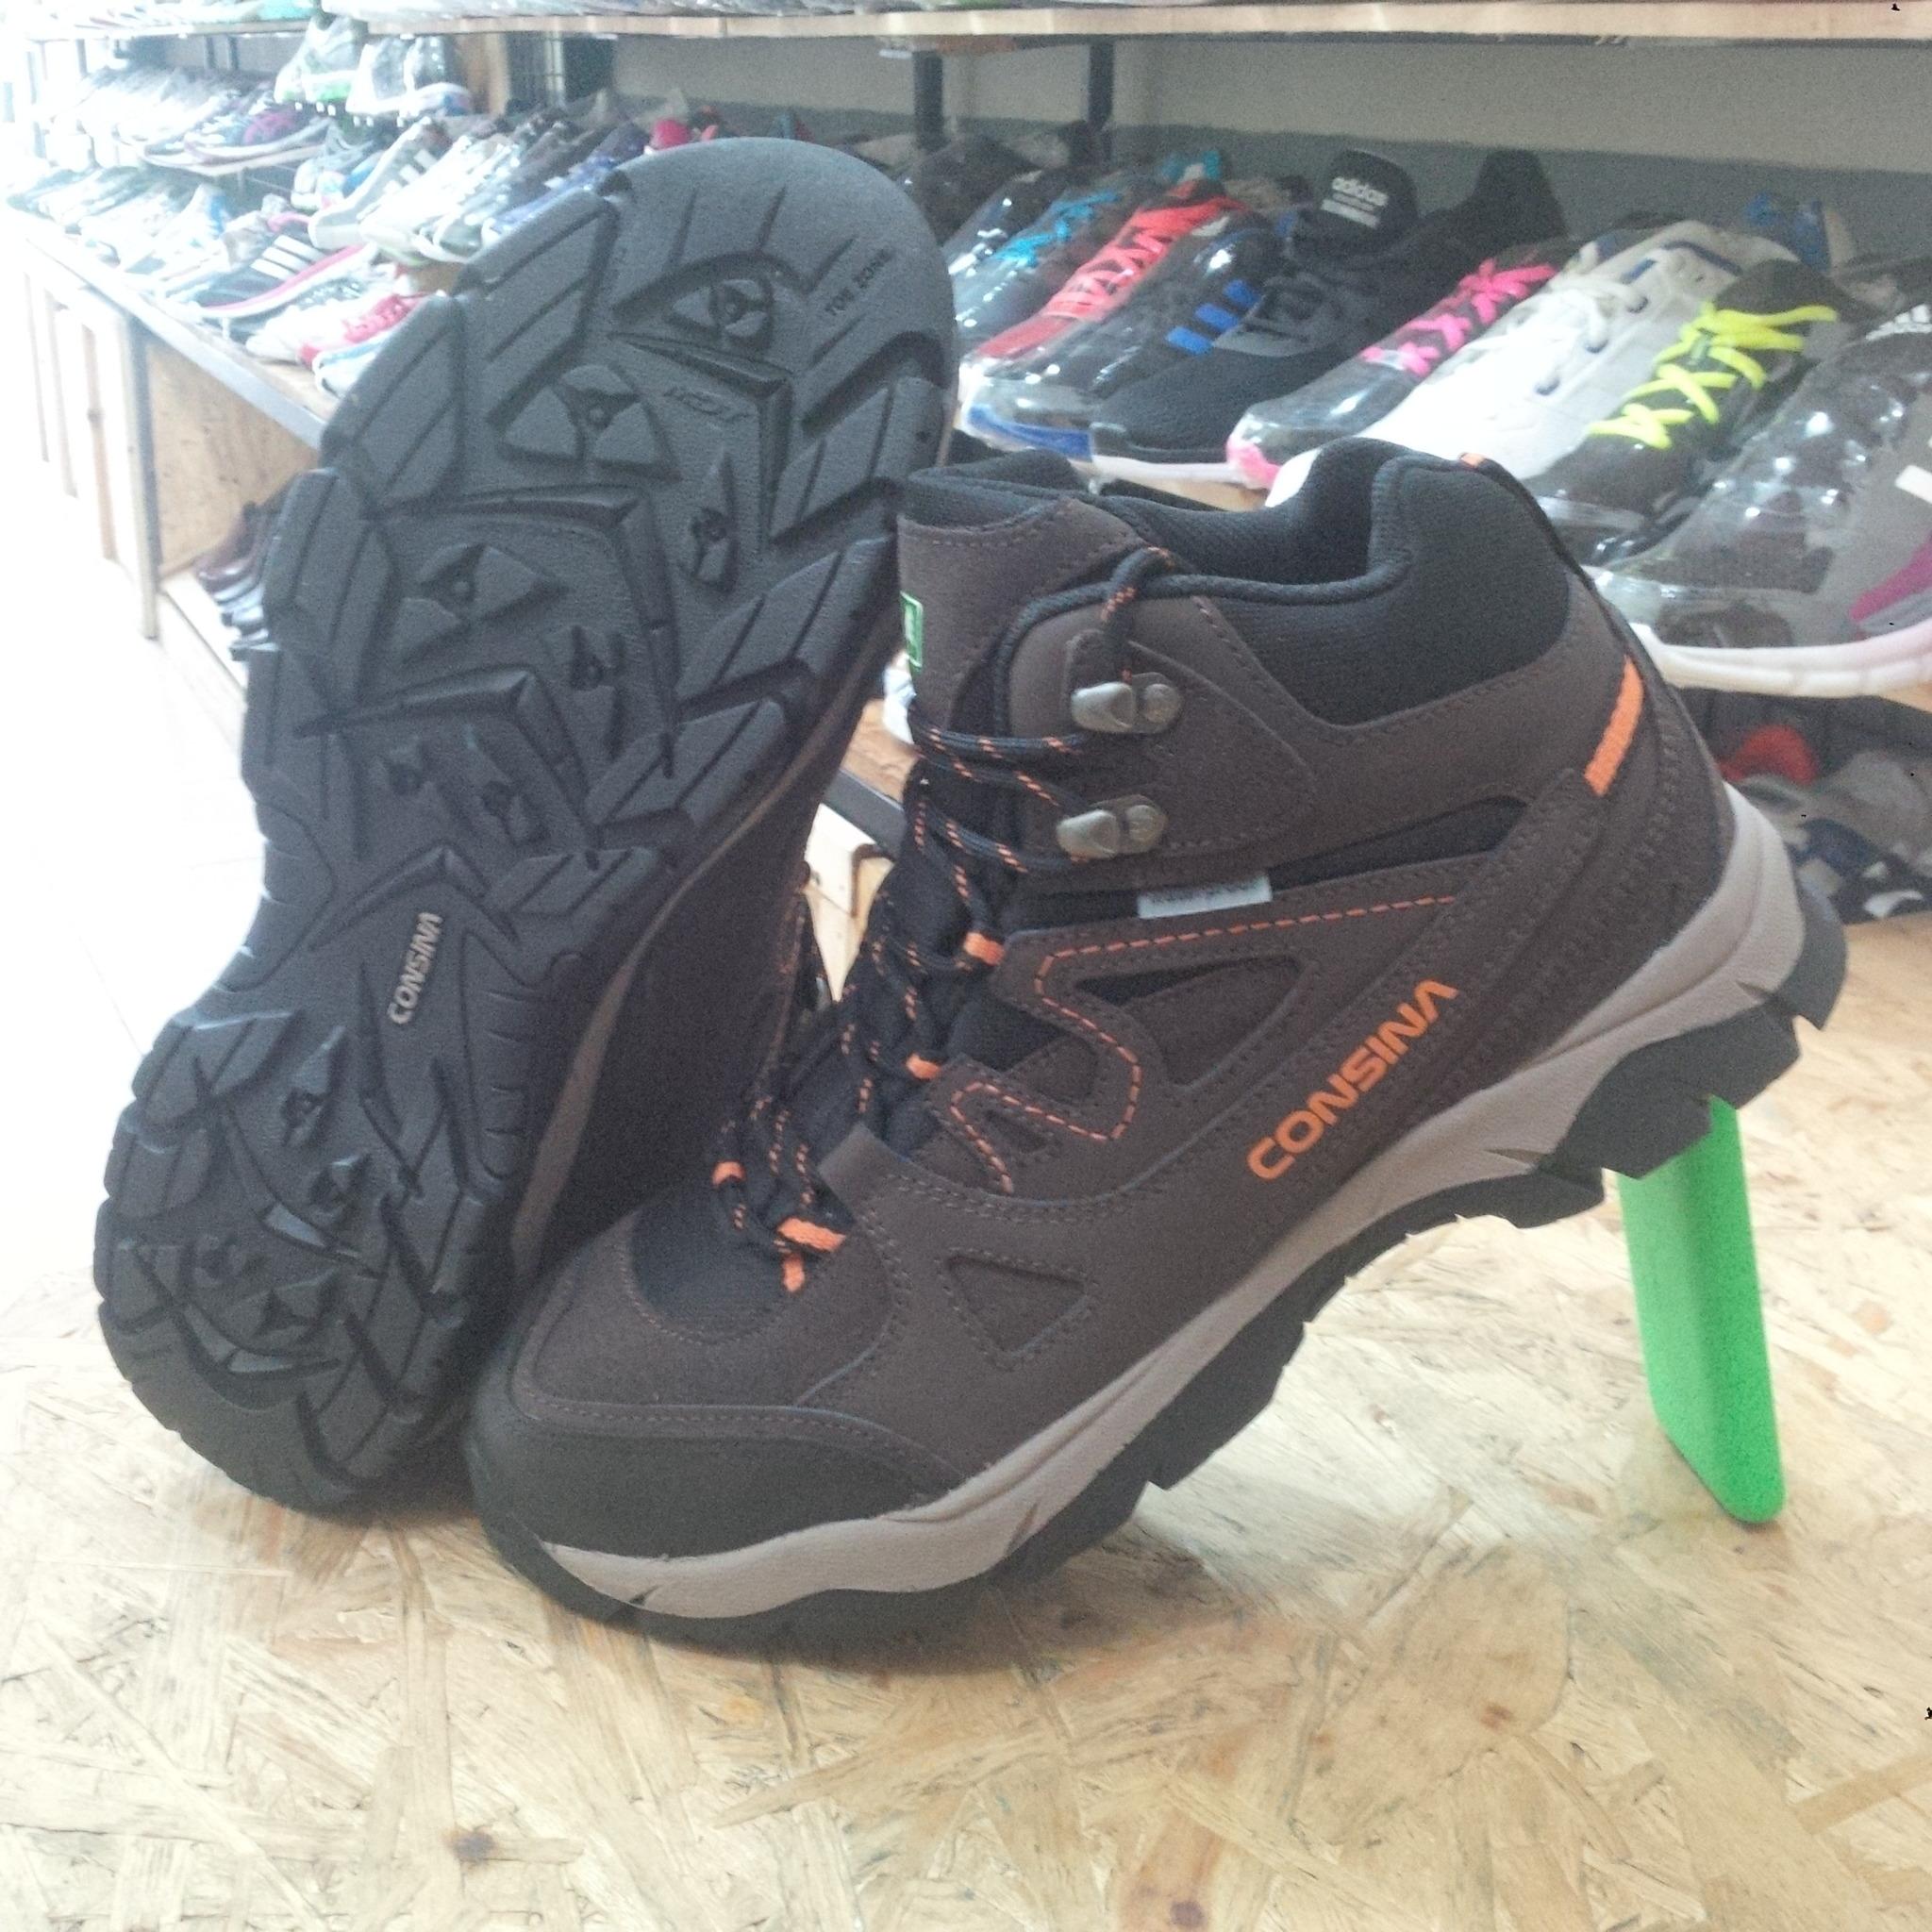 Jual Sepatu CONSINA Alpine Outdoor Original Indonesia ... 4604dab0db